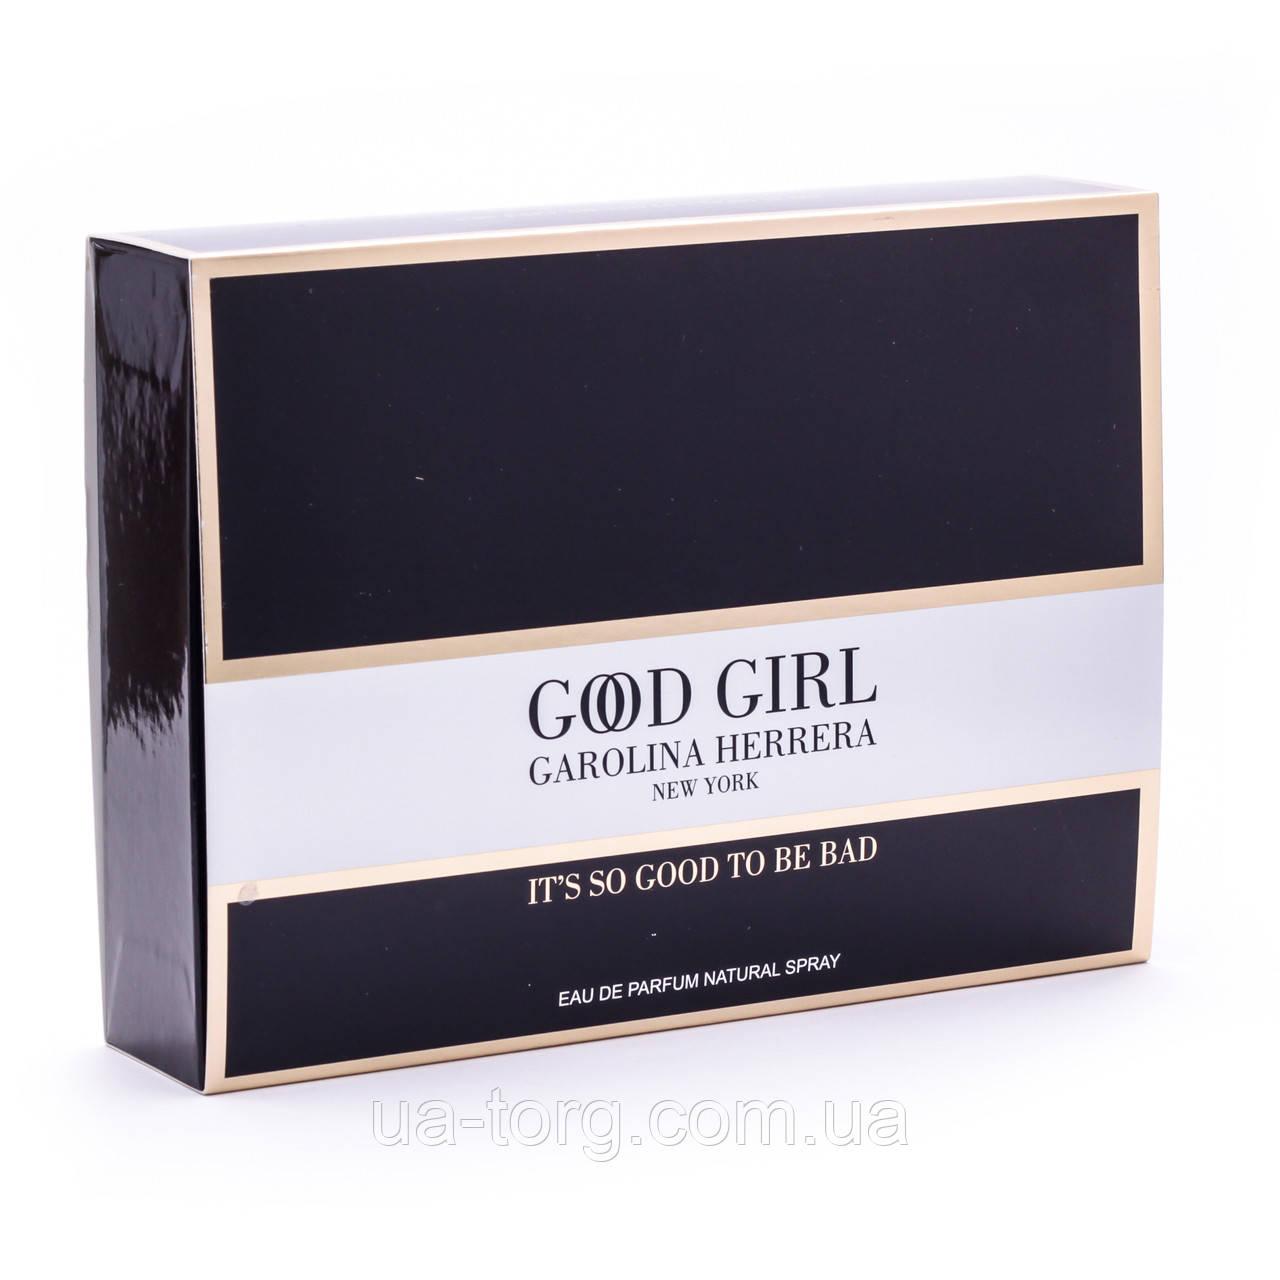 Подарочный набор Carolina Herrera Good Girl EDP 3*25 МЯТАЯ УПАКОВКА